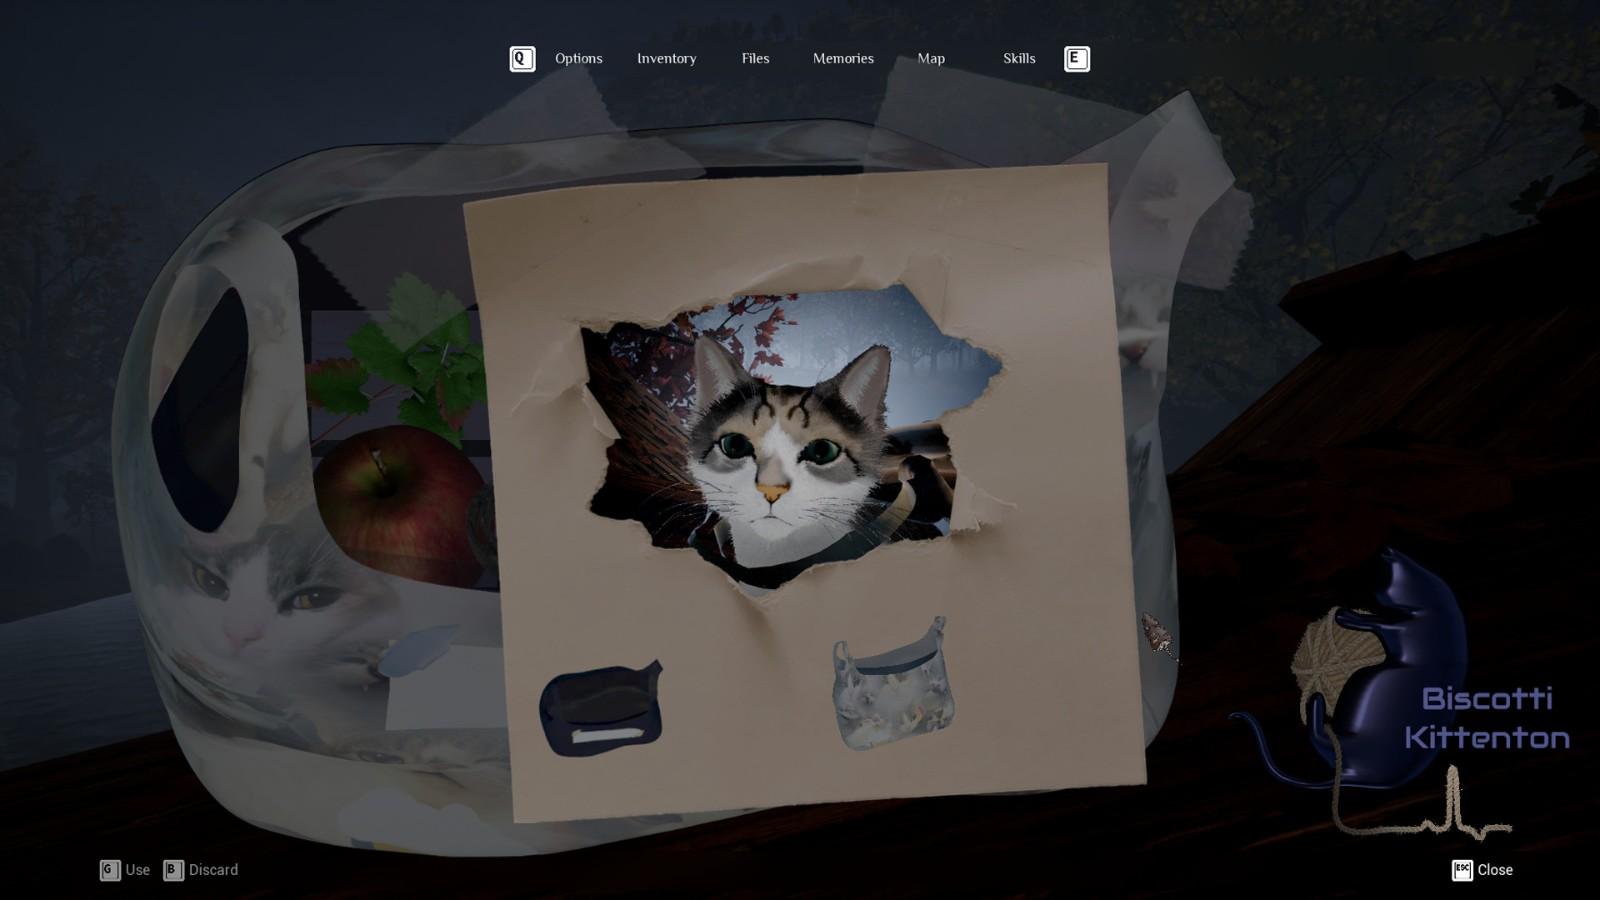 恐怖游戏《蚀刻的记忆》上线Steam试玩版 扮演小猫